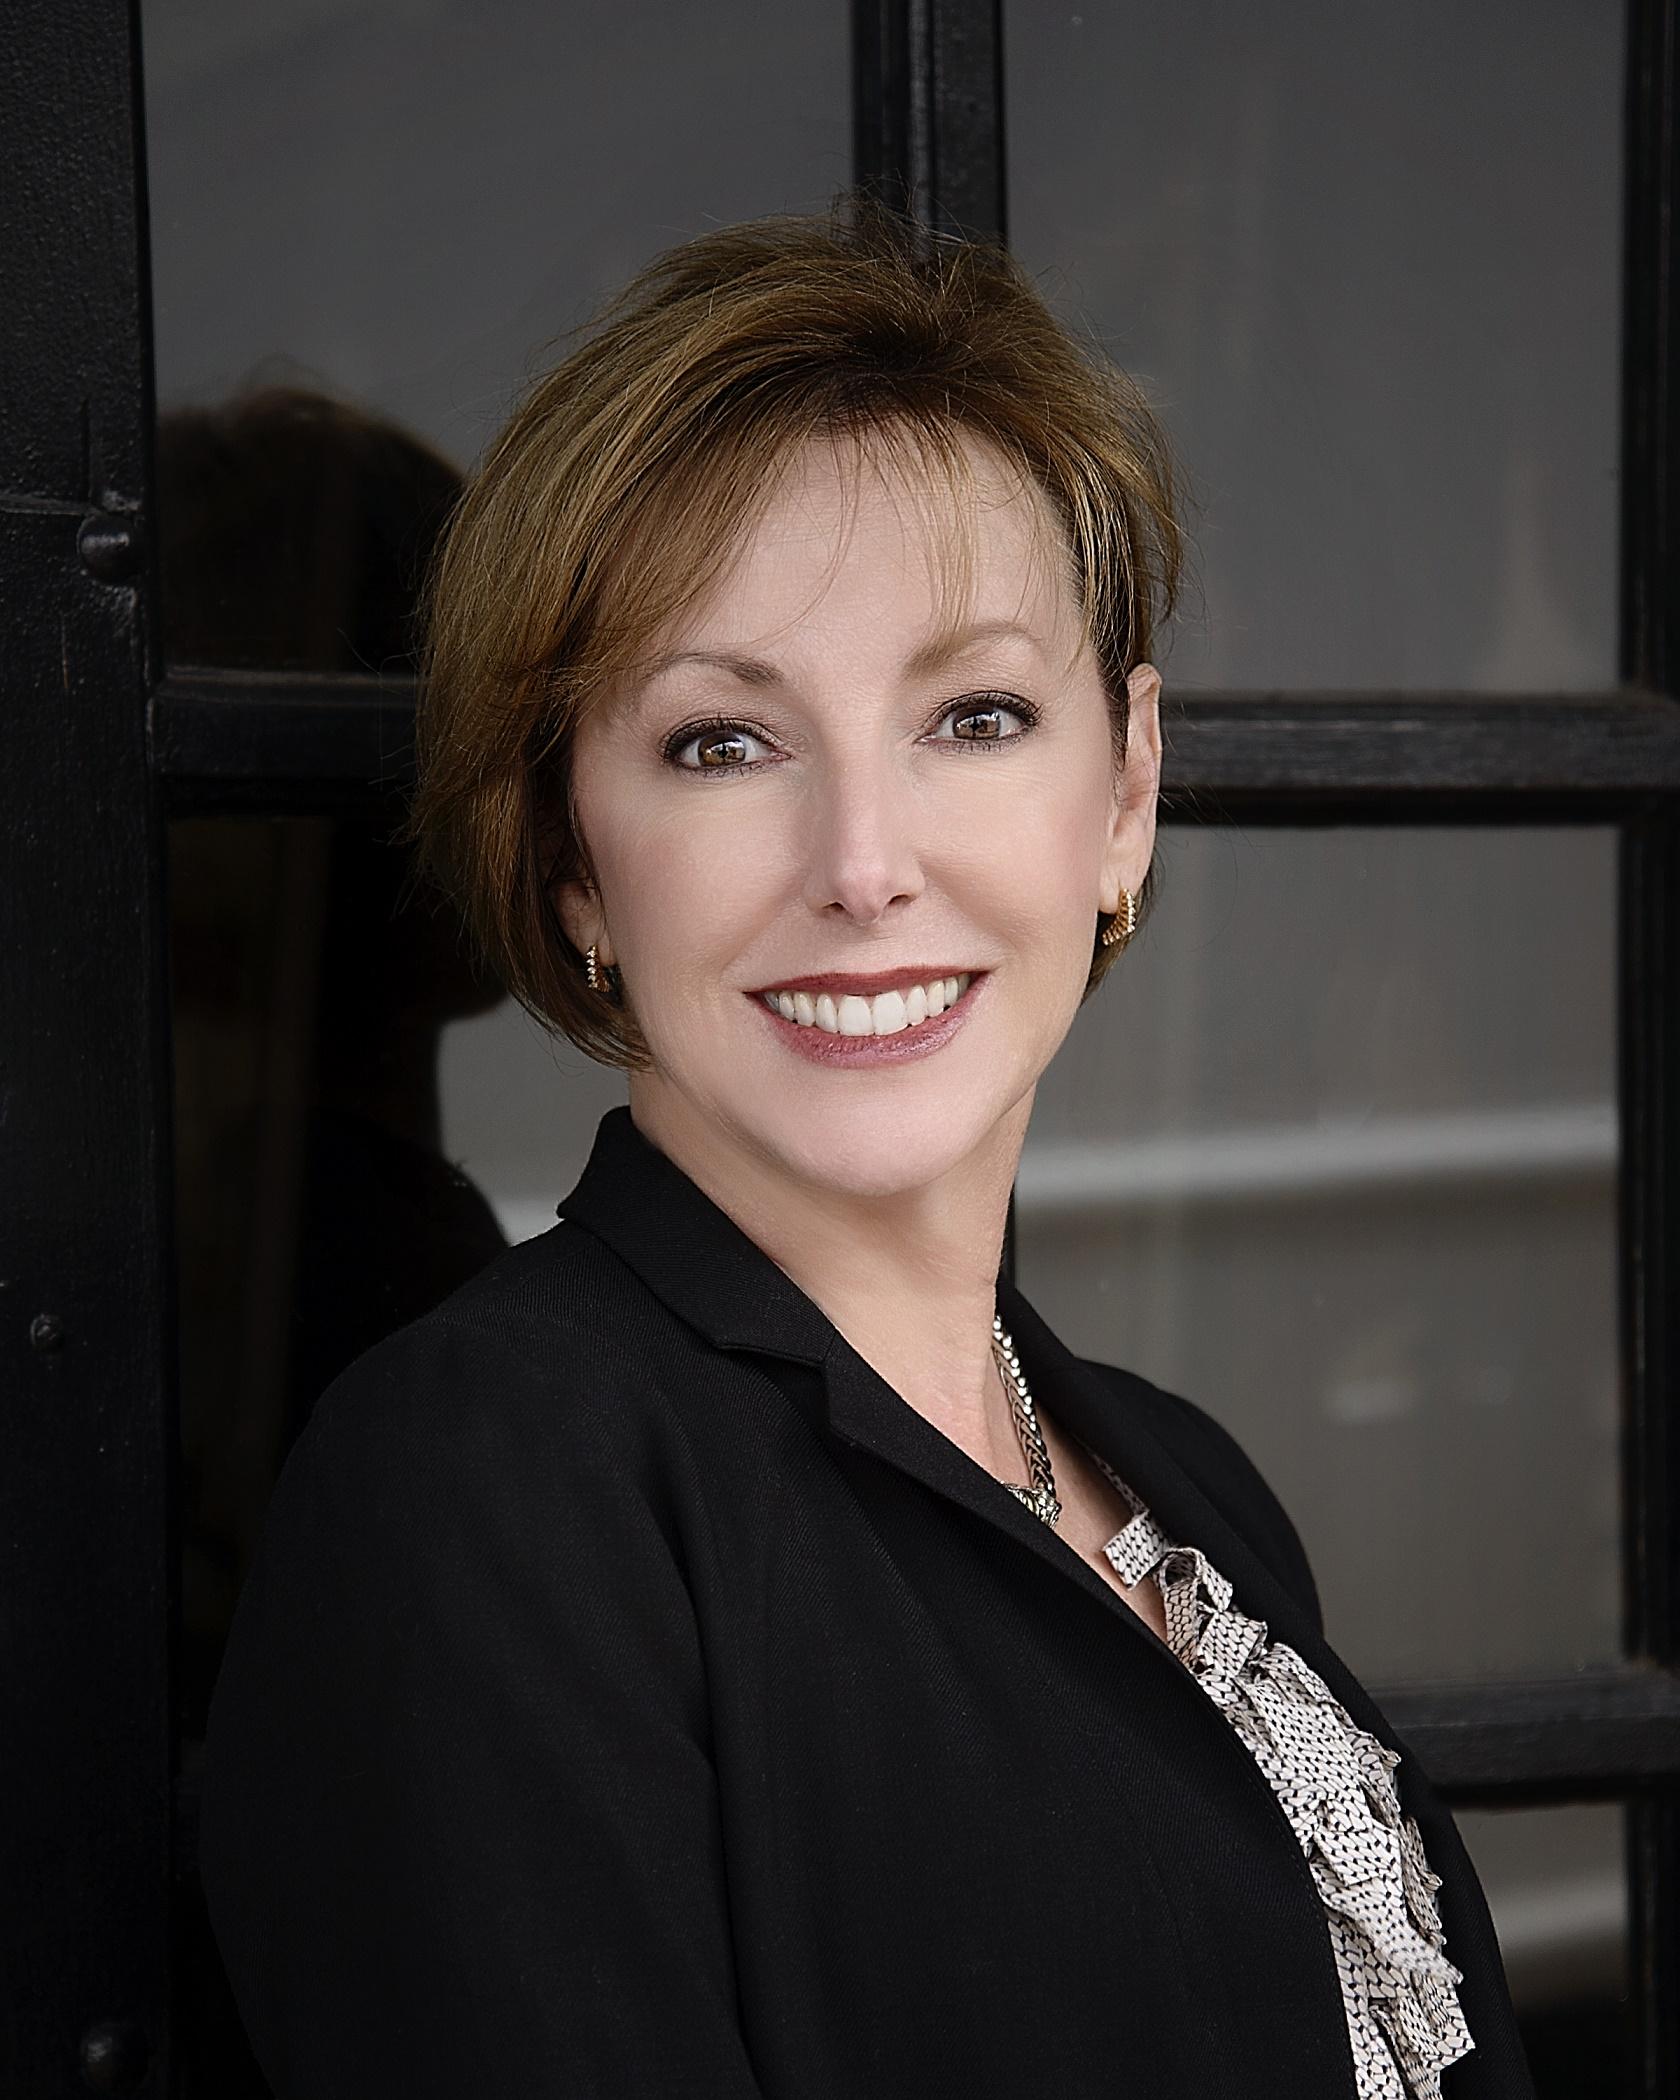 Stacy Odum